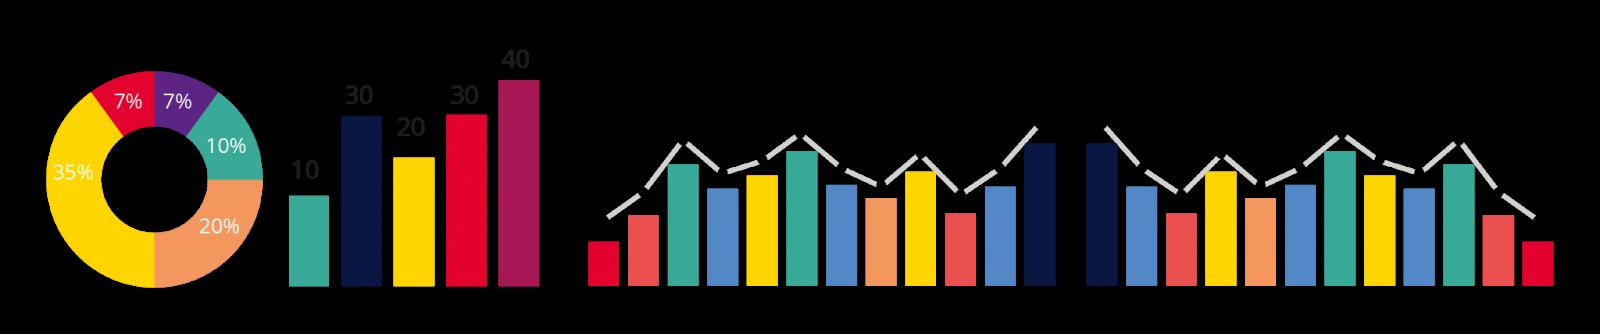 Secundair kleurenpalet: gebruik bij grafieken